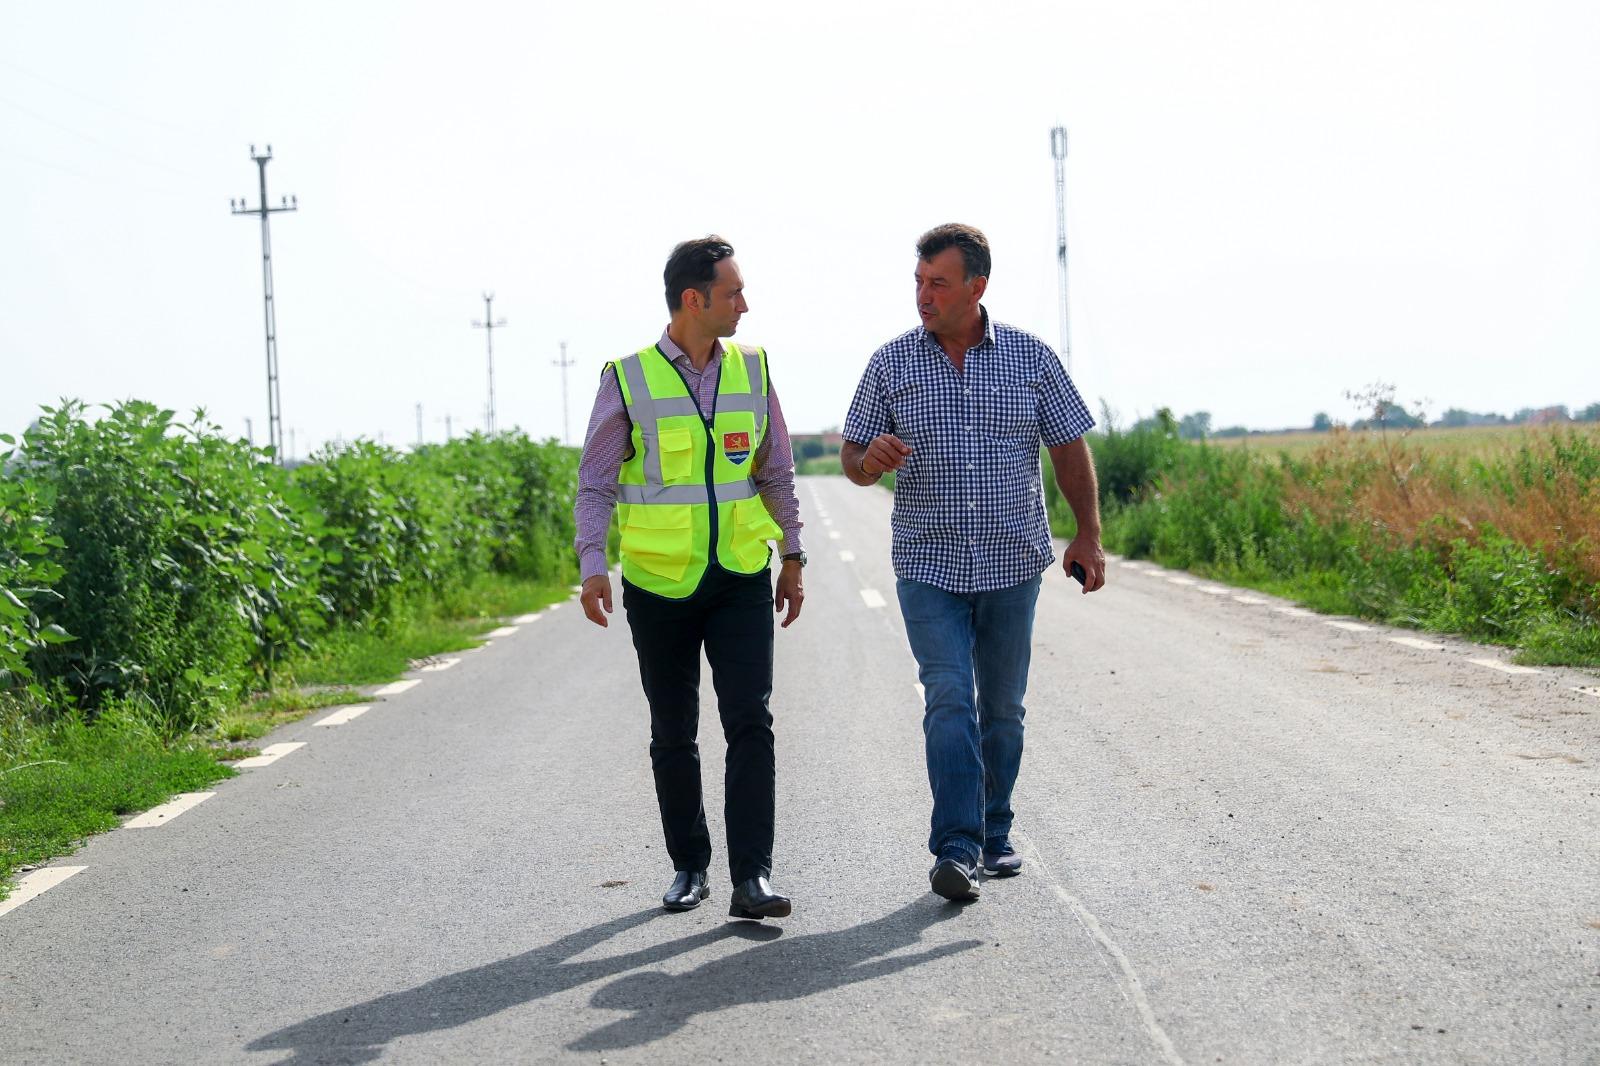 Investiție importantă pentru mii de timișeni, la final. Consiliul Județean a reabilitat drumul de legătură între Tomnatic și DN6